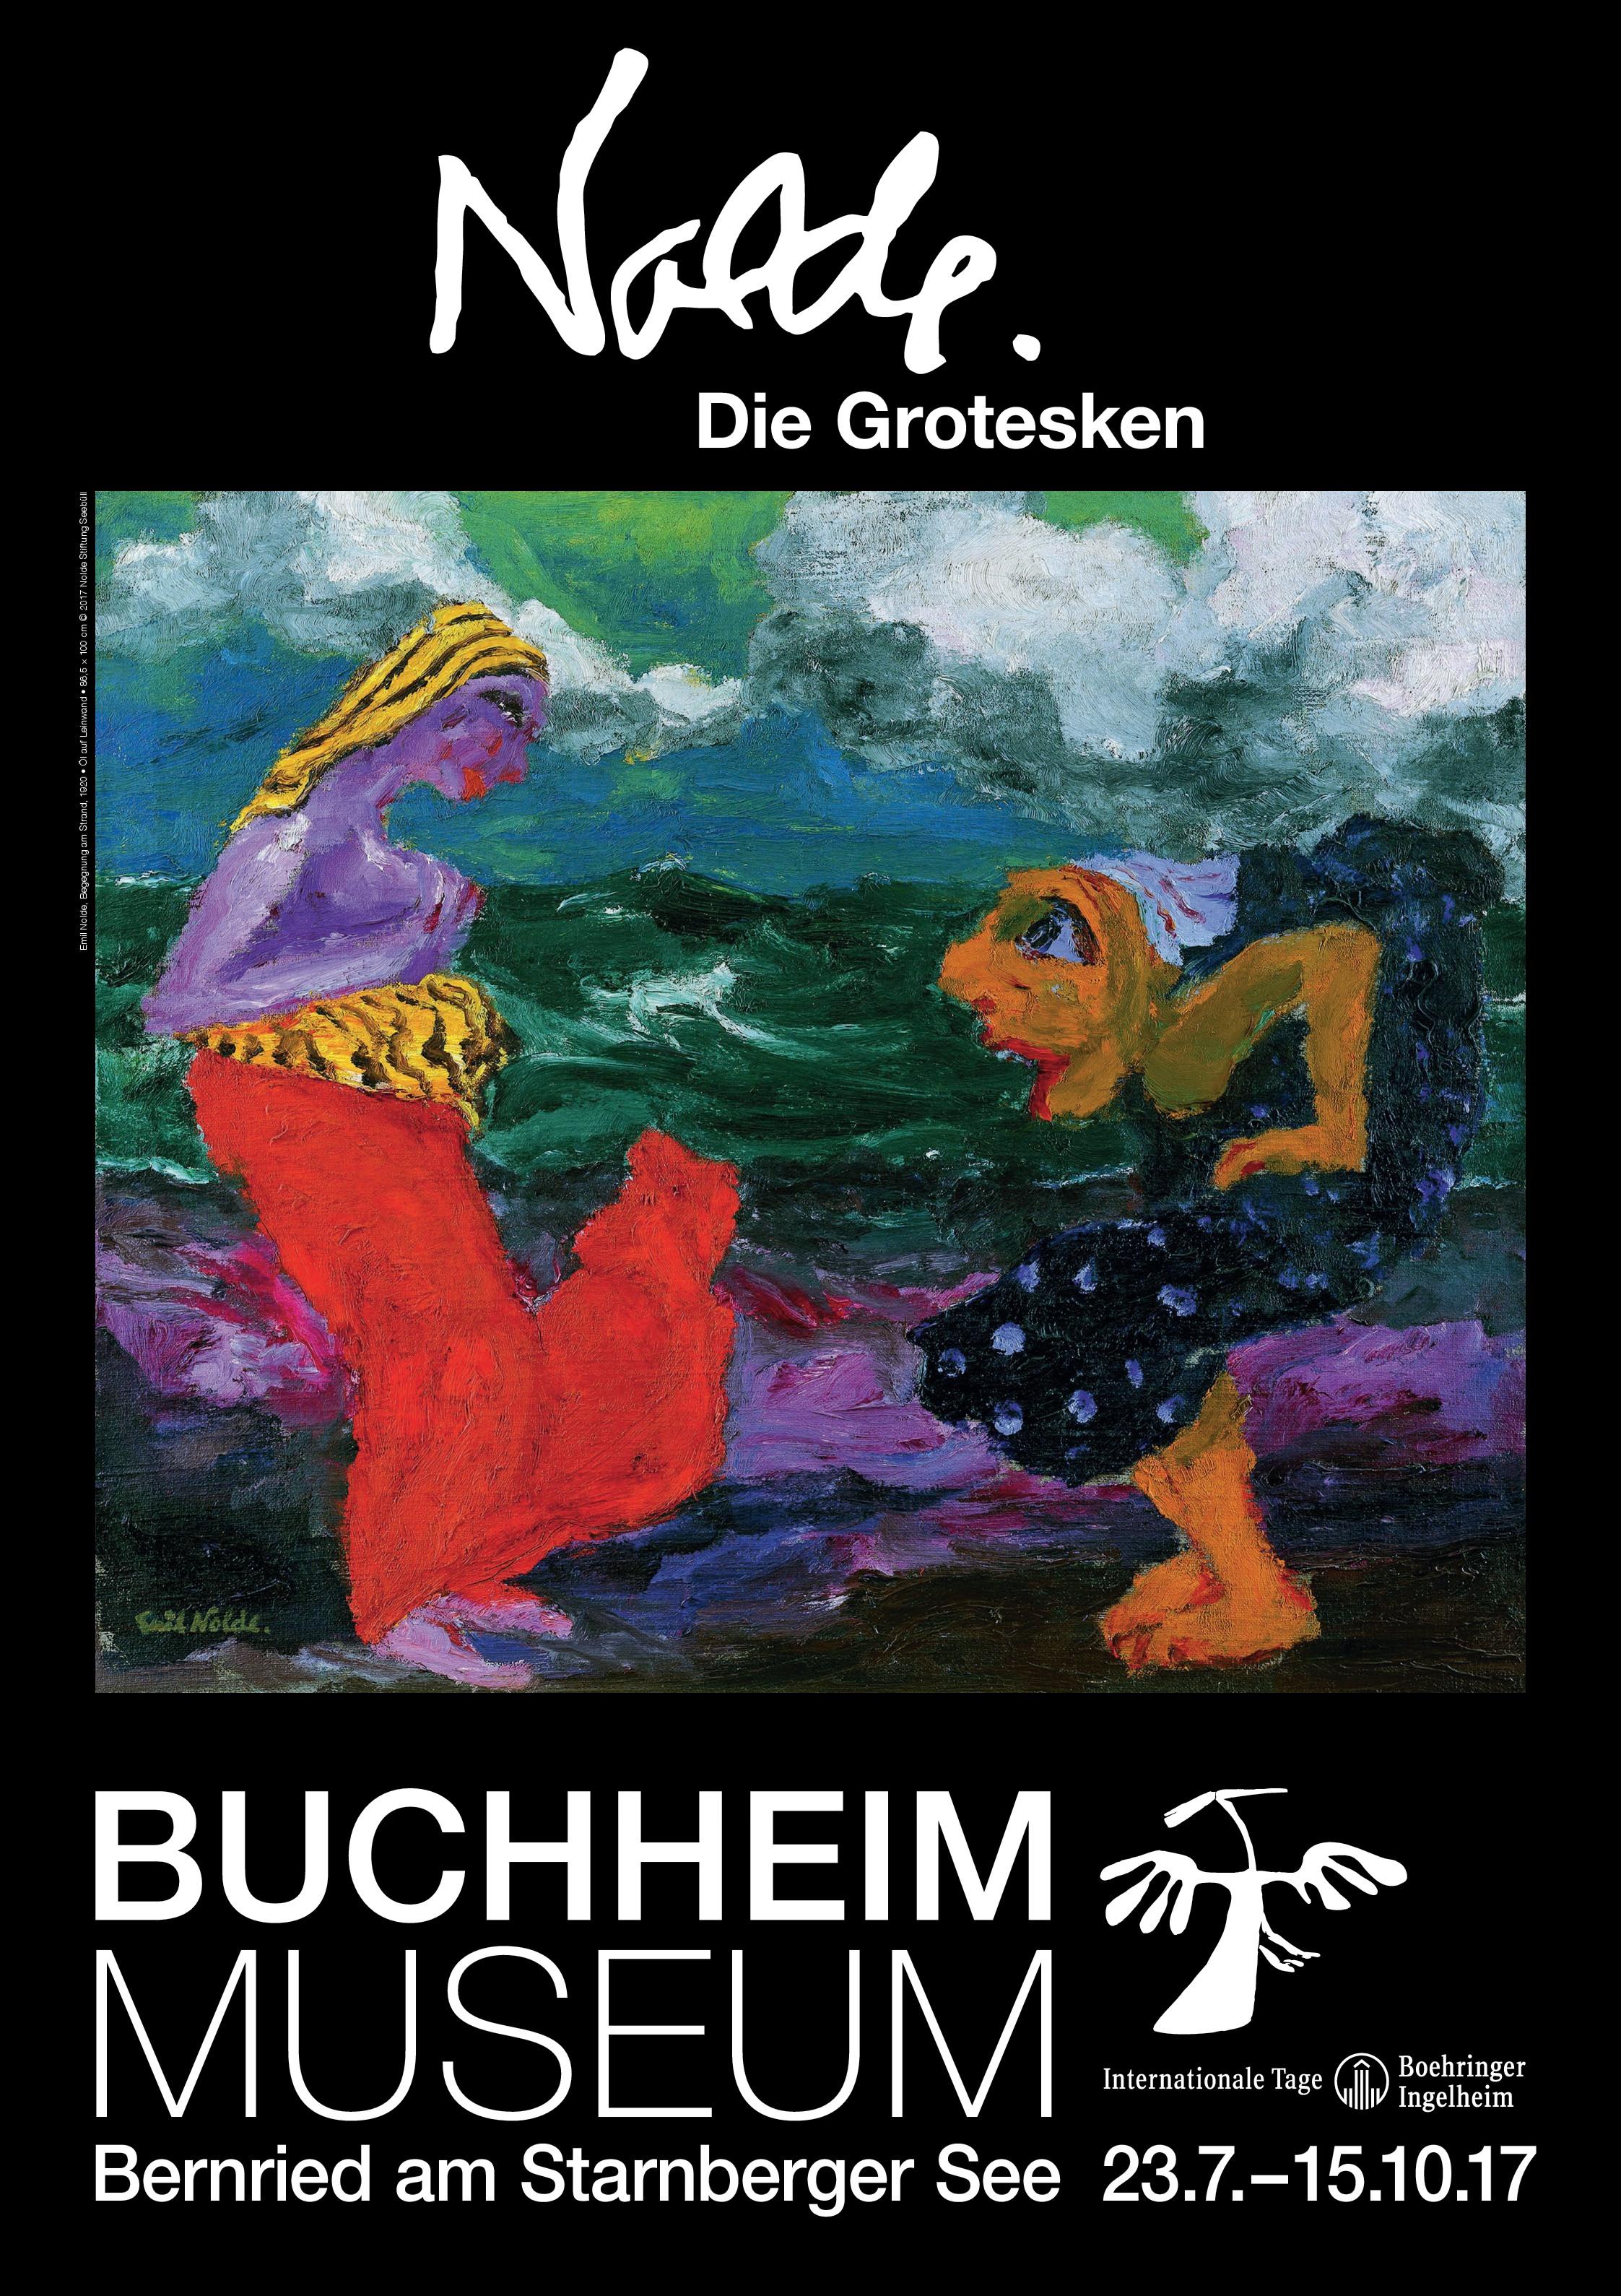 """Die Ausstellung """"Nolde. Die Grotesken"""" finden im Sommer 2017 im Buchheim Museum statt."""